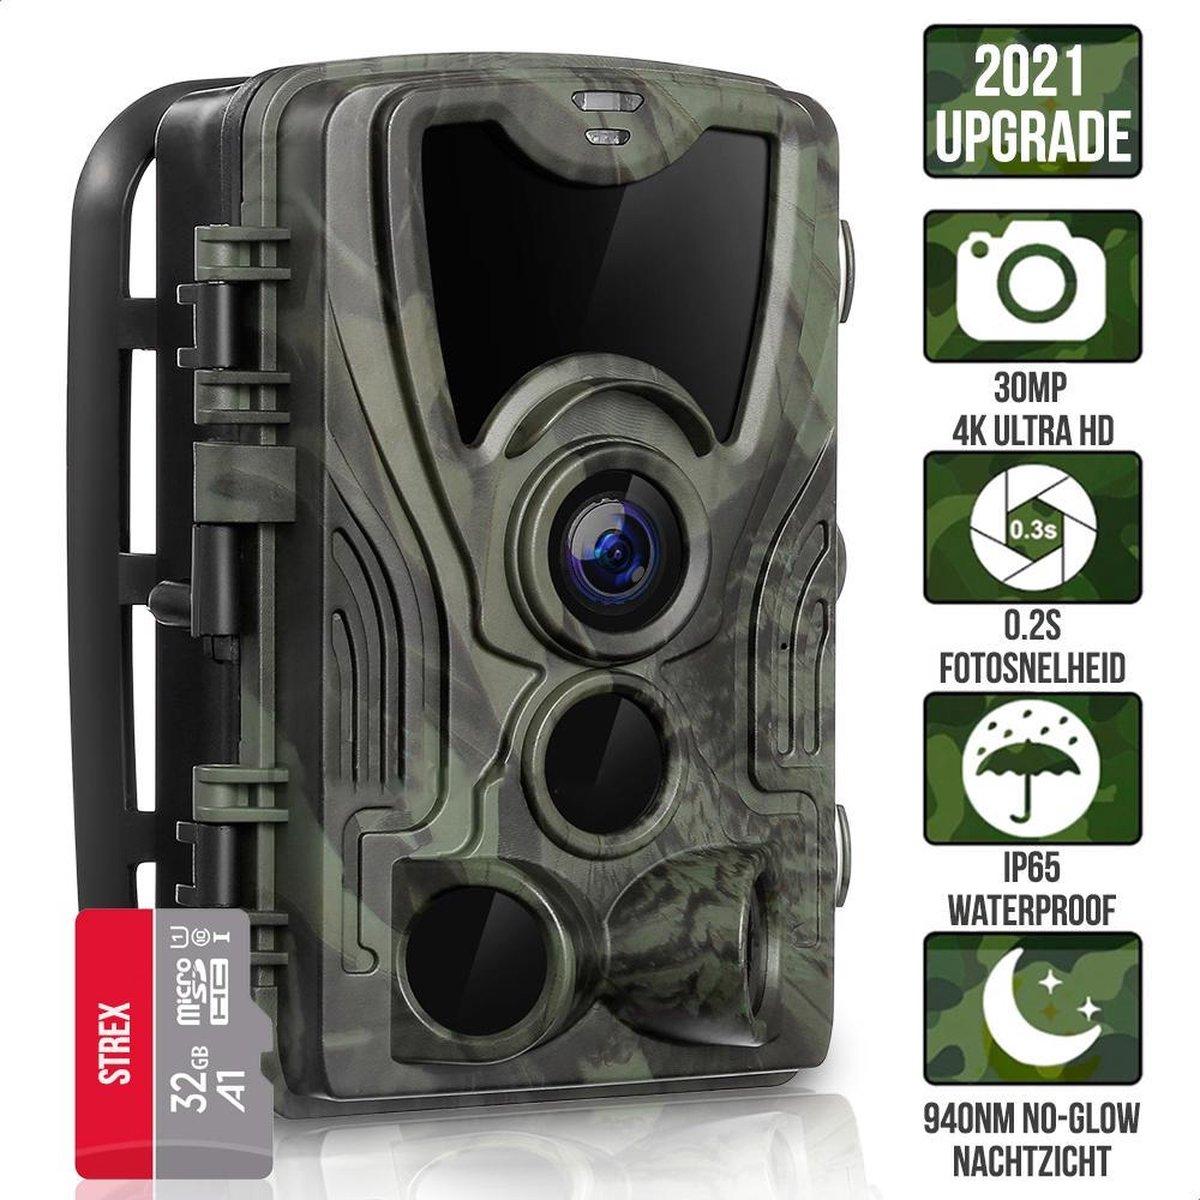 Wildcamera met Nachtzicht - 24MP 1080P HD - Waterdicht - Incl. 32 GB SD - Wild Camera